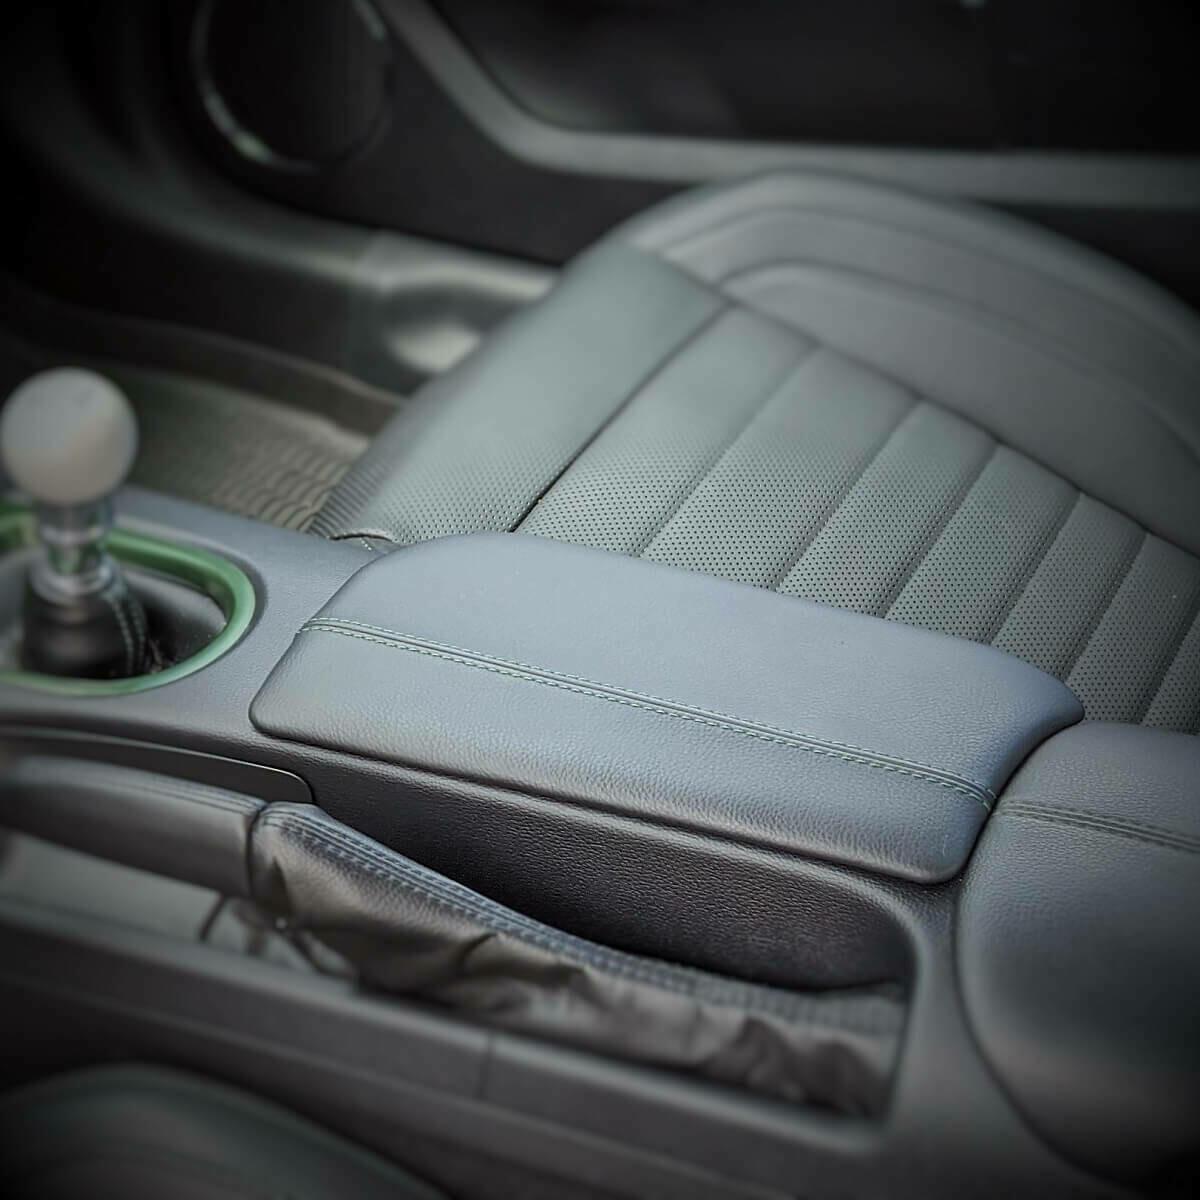 2019 to 2020 BULLITT Mustang: KR-Armrest